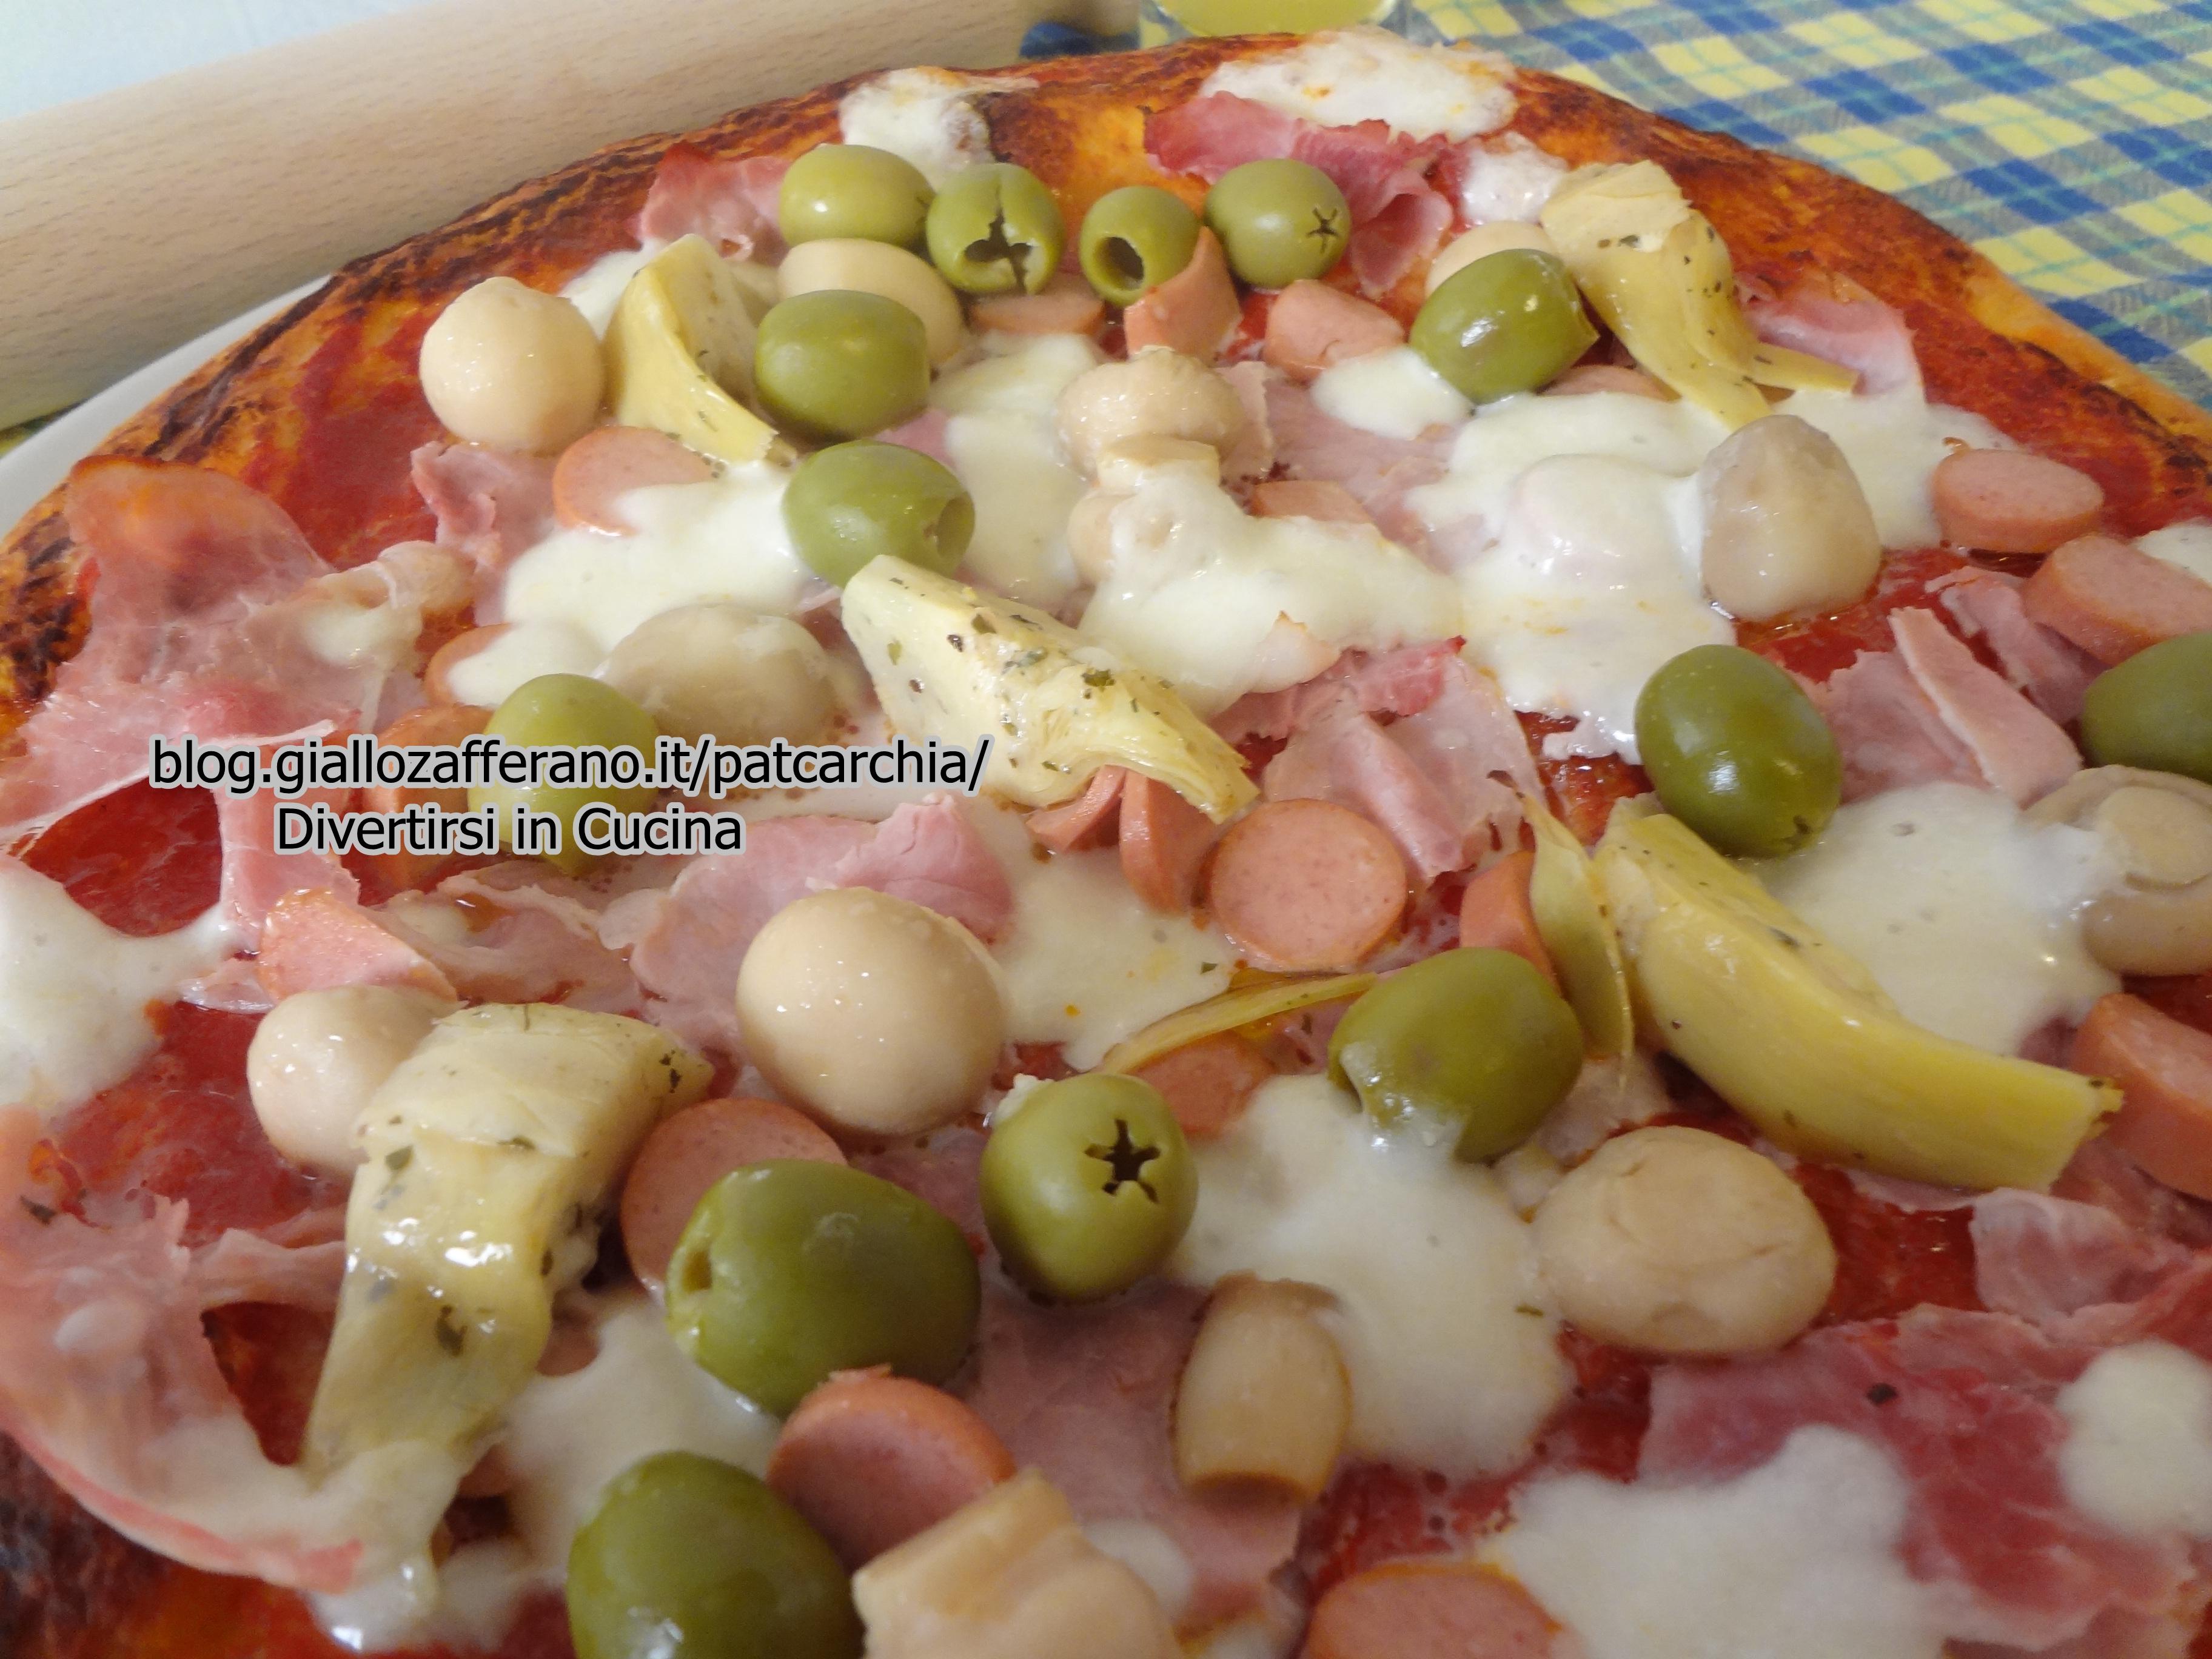 ricetta pizza capricciosa - Cucinare Pizza